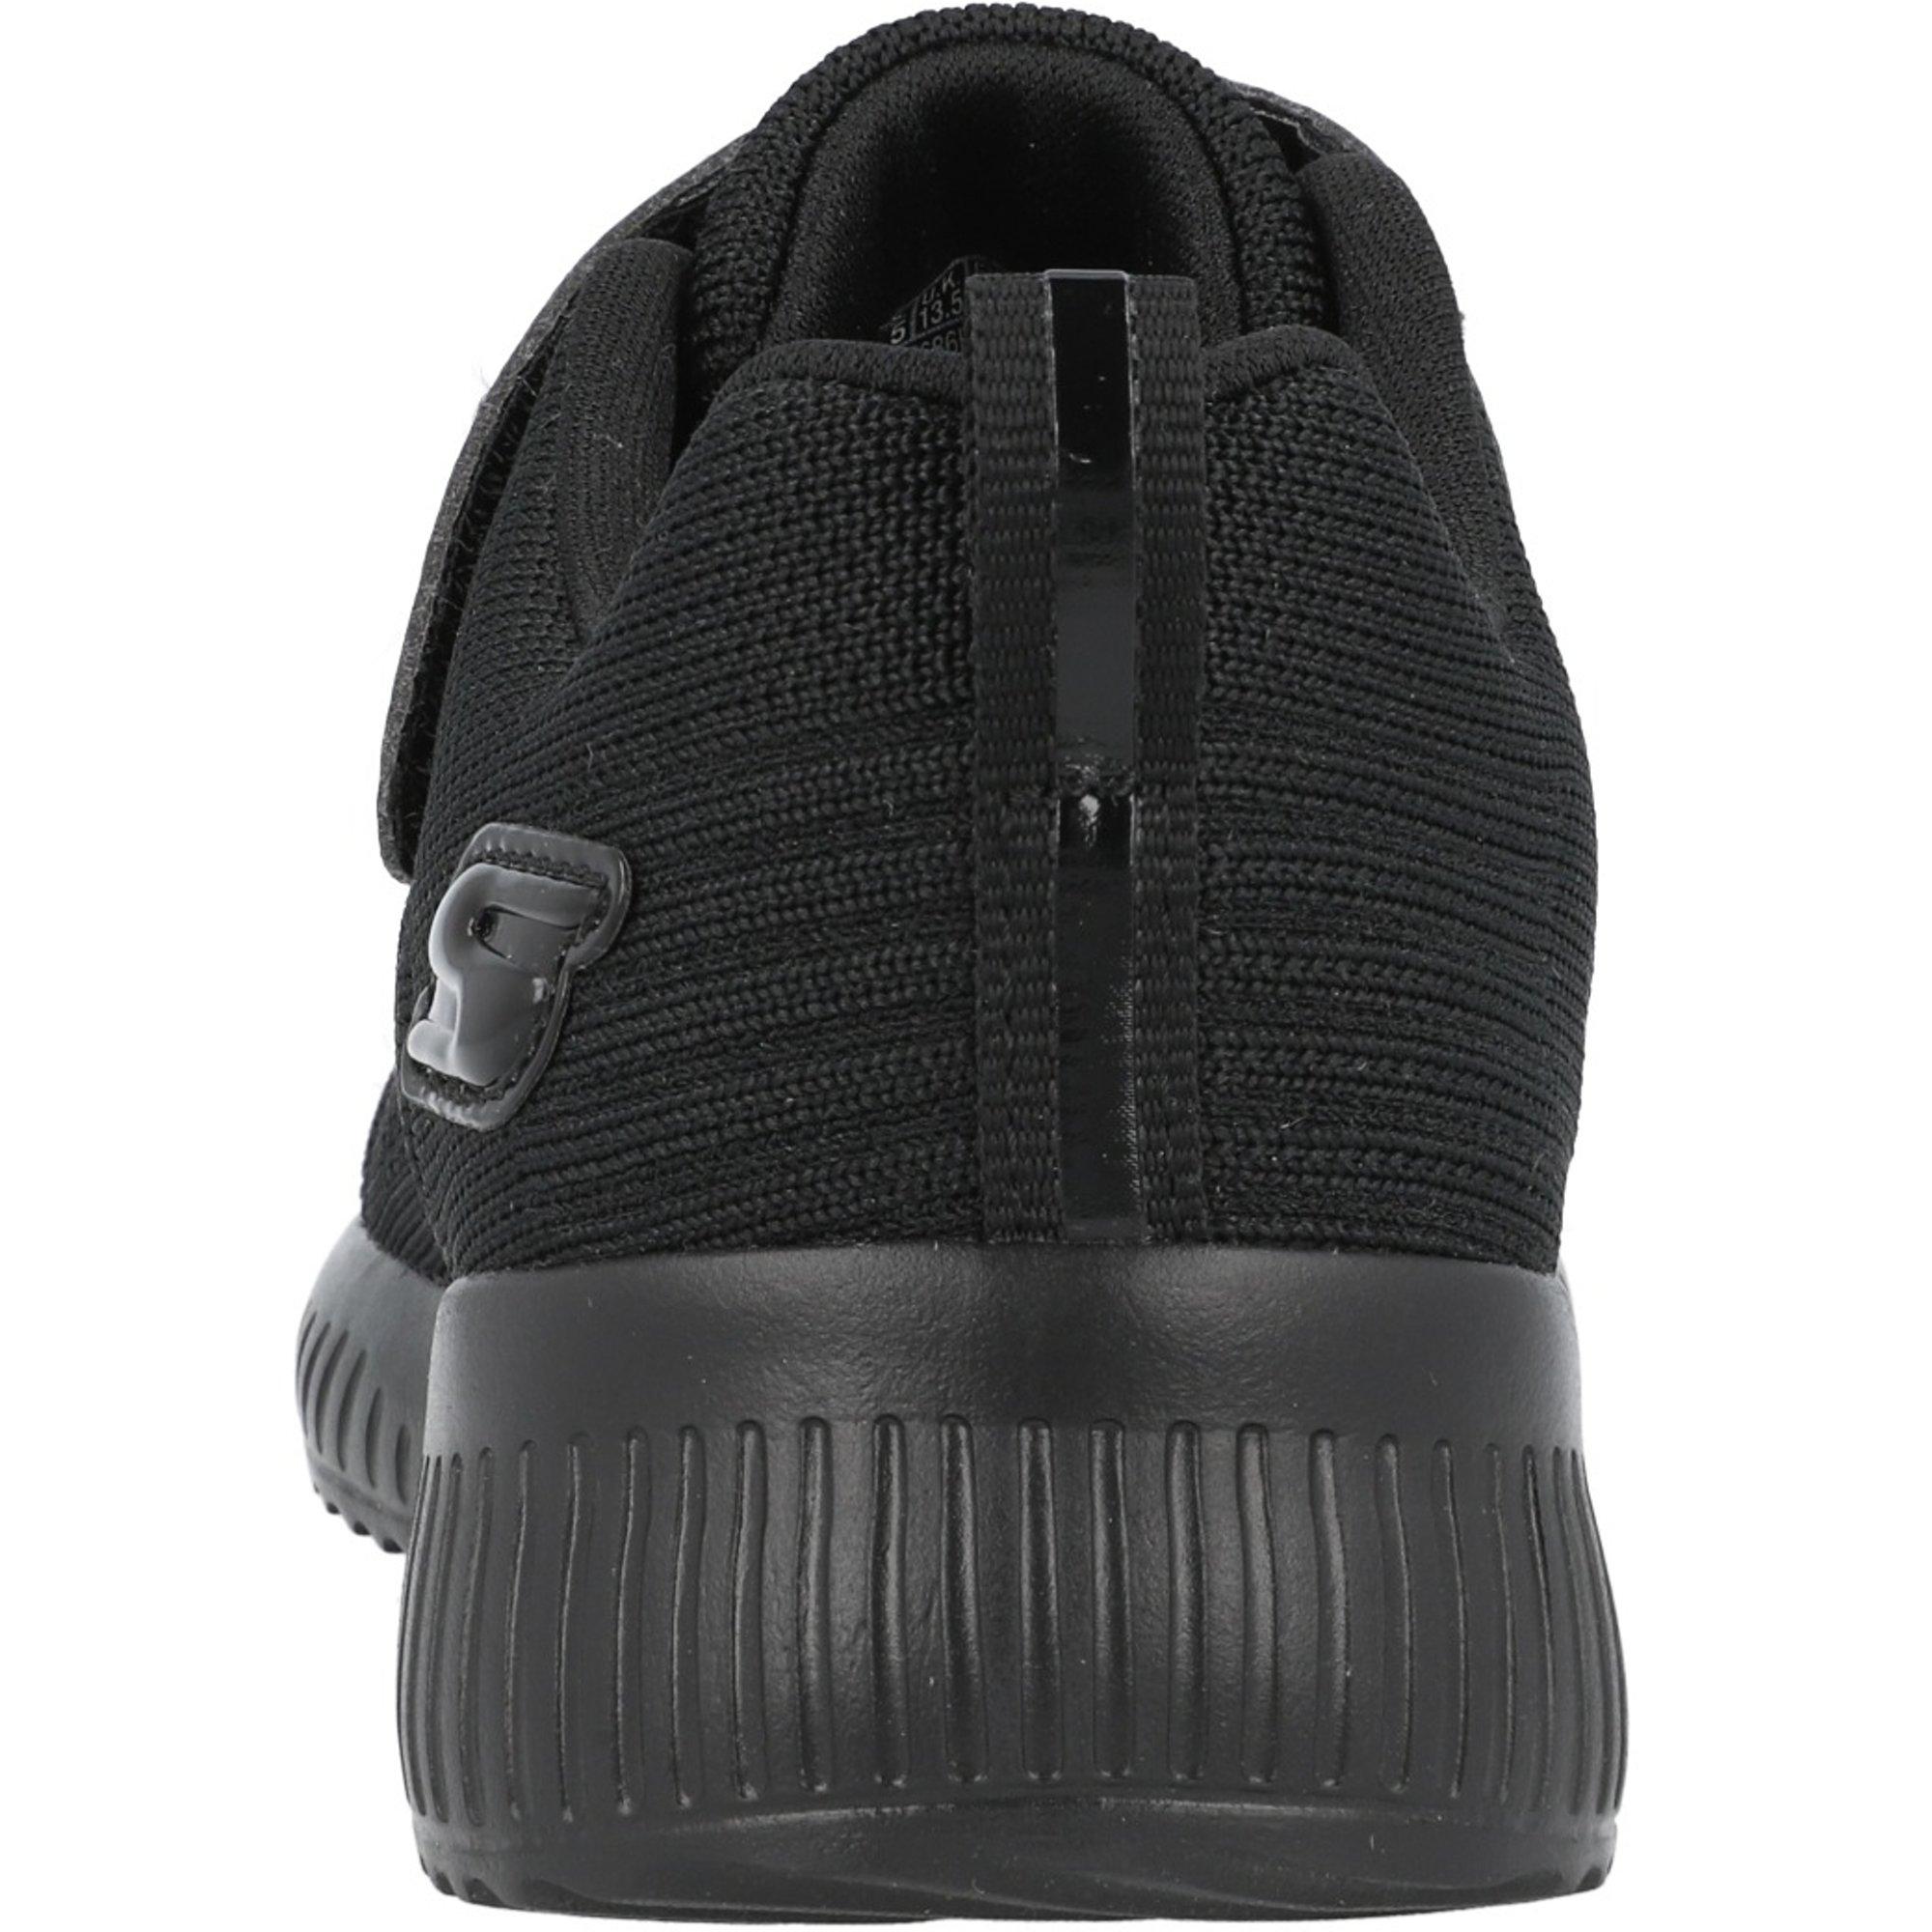 Skechers Bobs Squad Charm League Black Knit